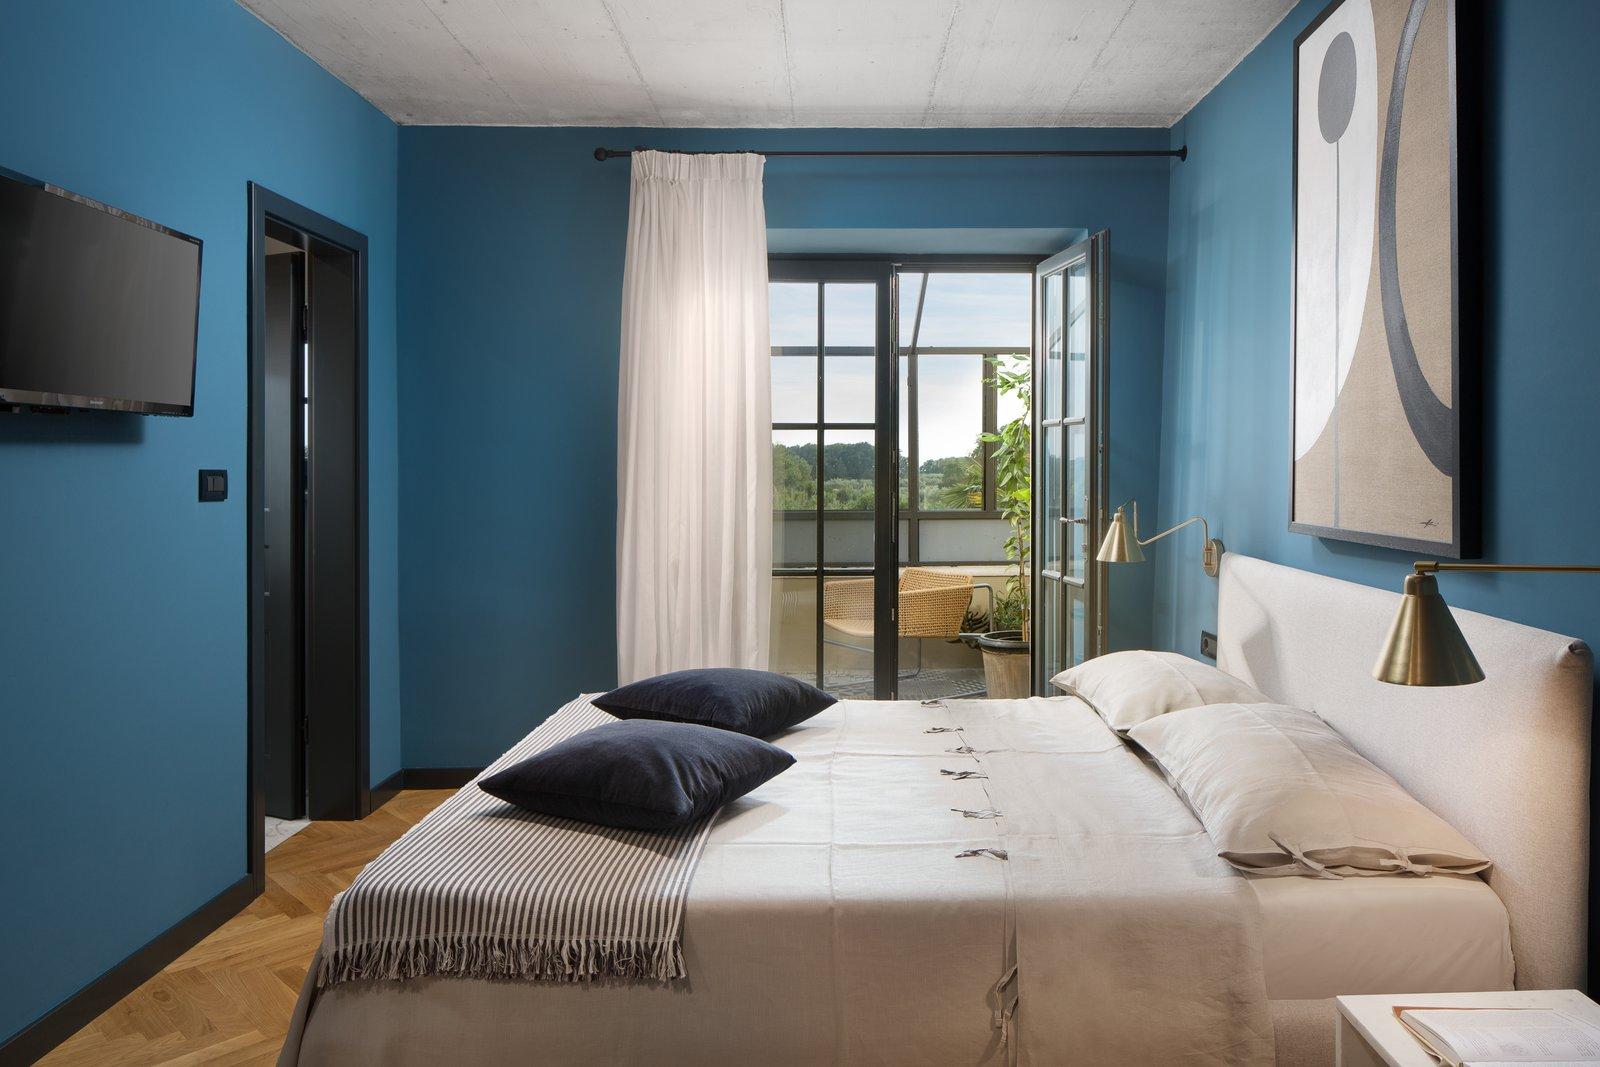 Bedroom Master bathroom with views to the sea - Villa Covri  Villa Covri